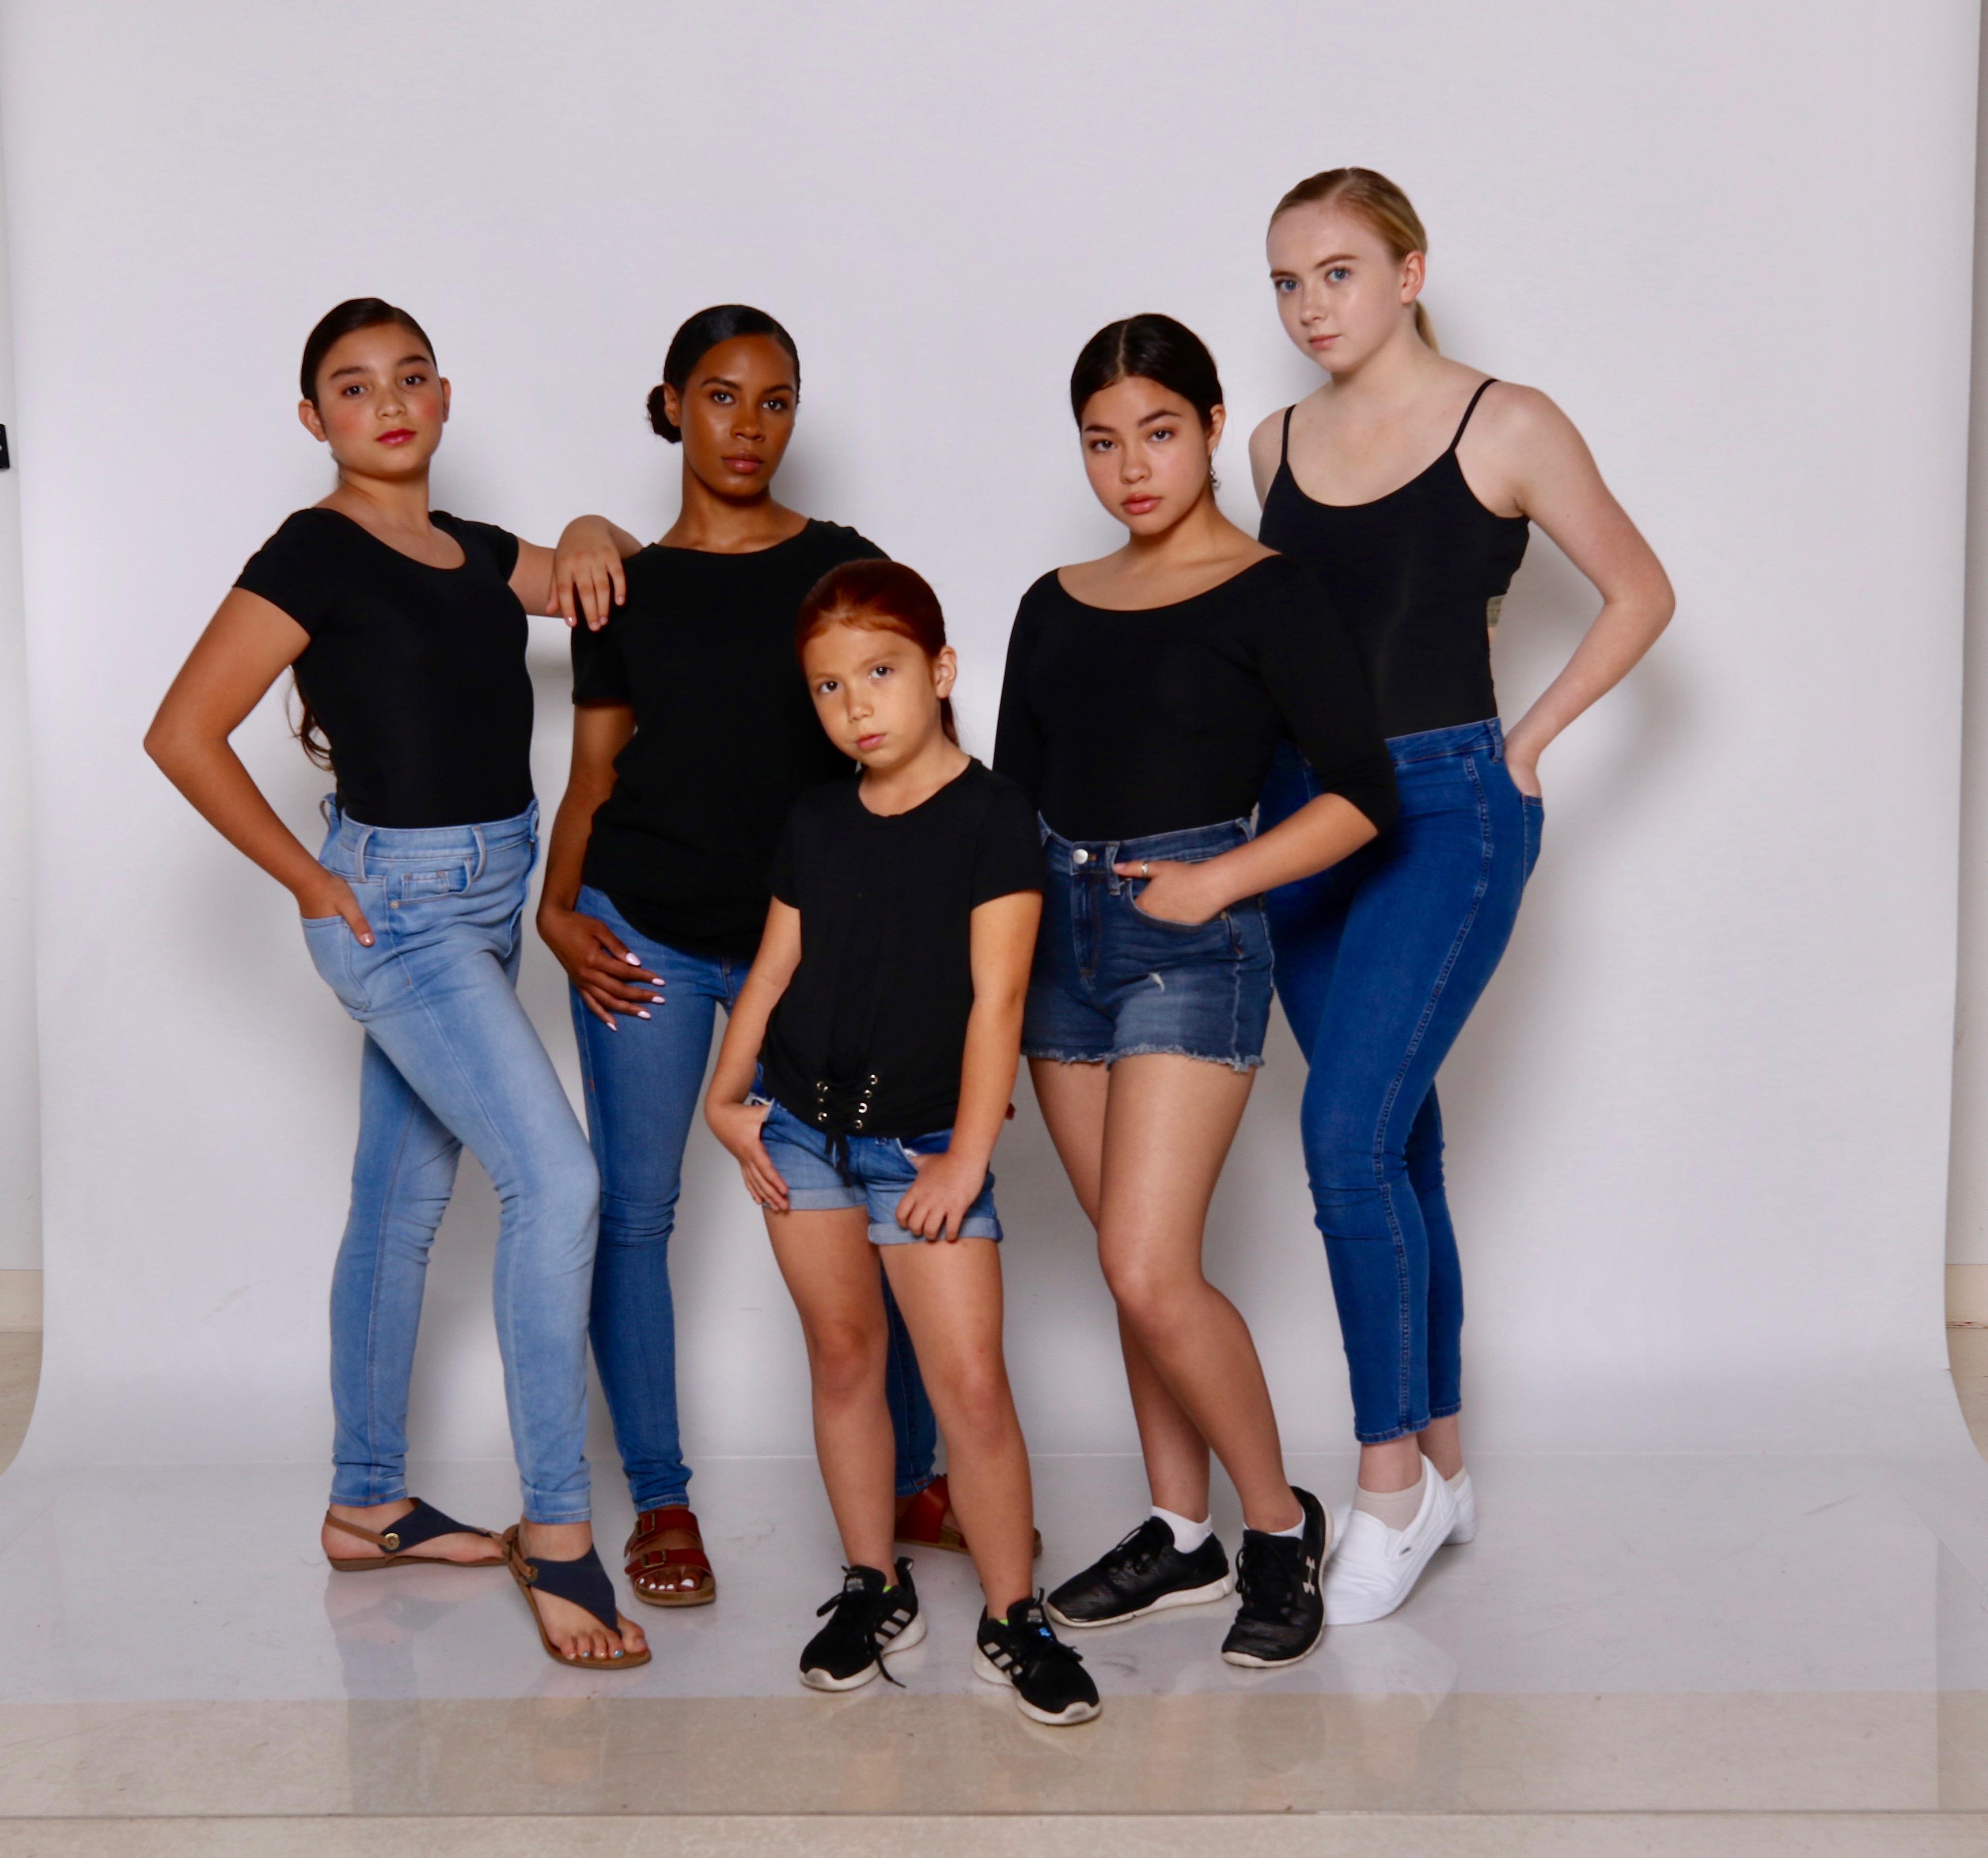 Dance Team - san antonio children dance classes